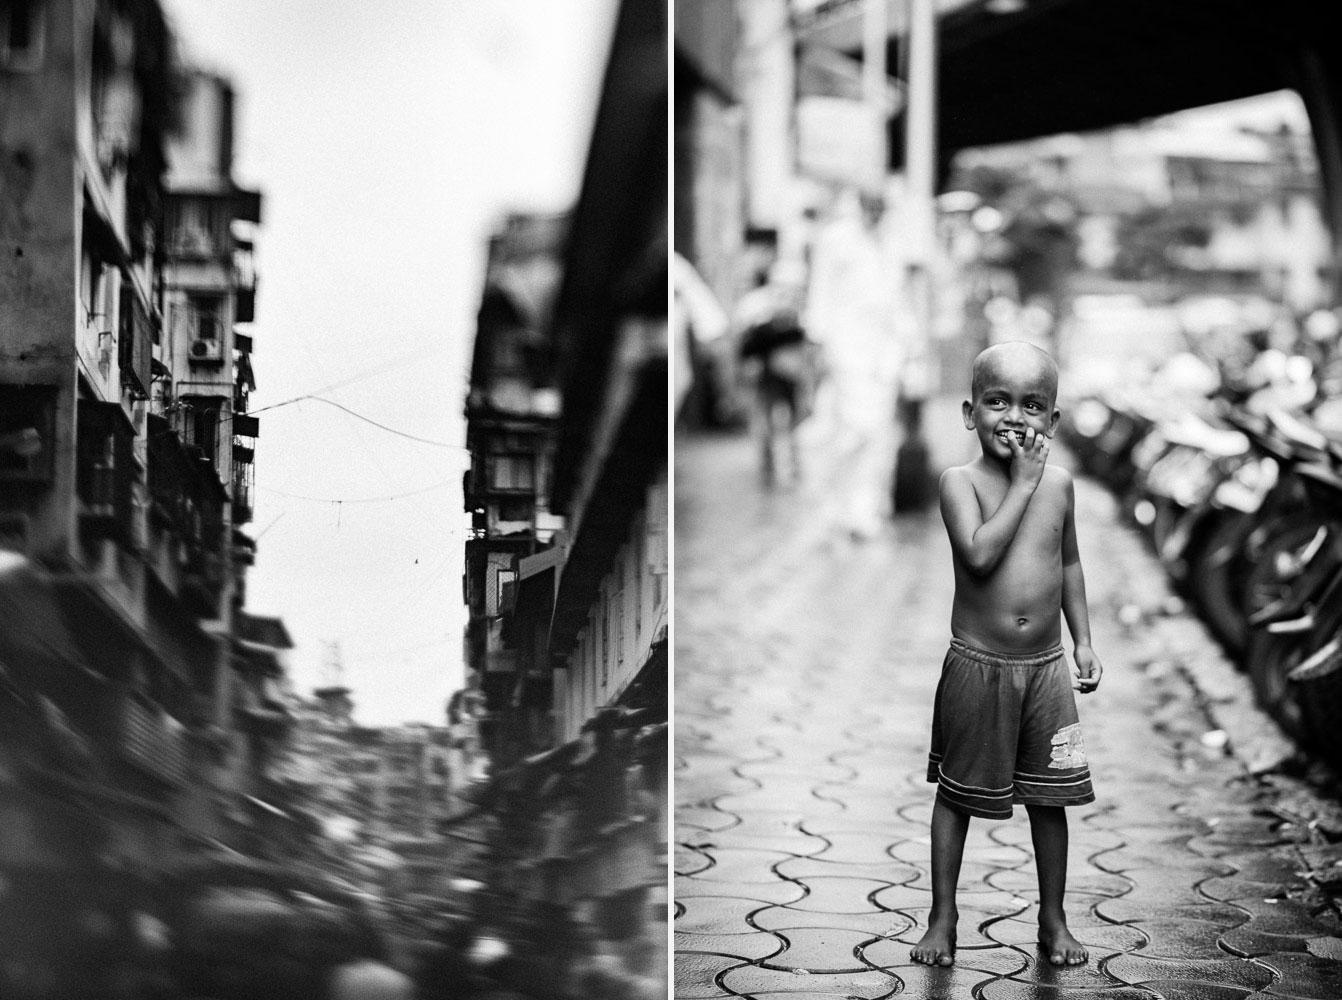 stilpirat_mumbai_2-14